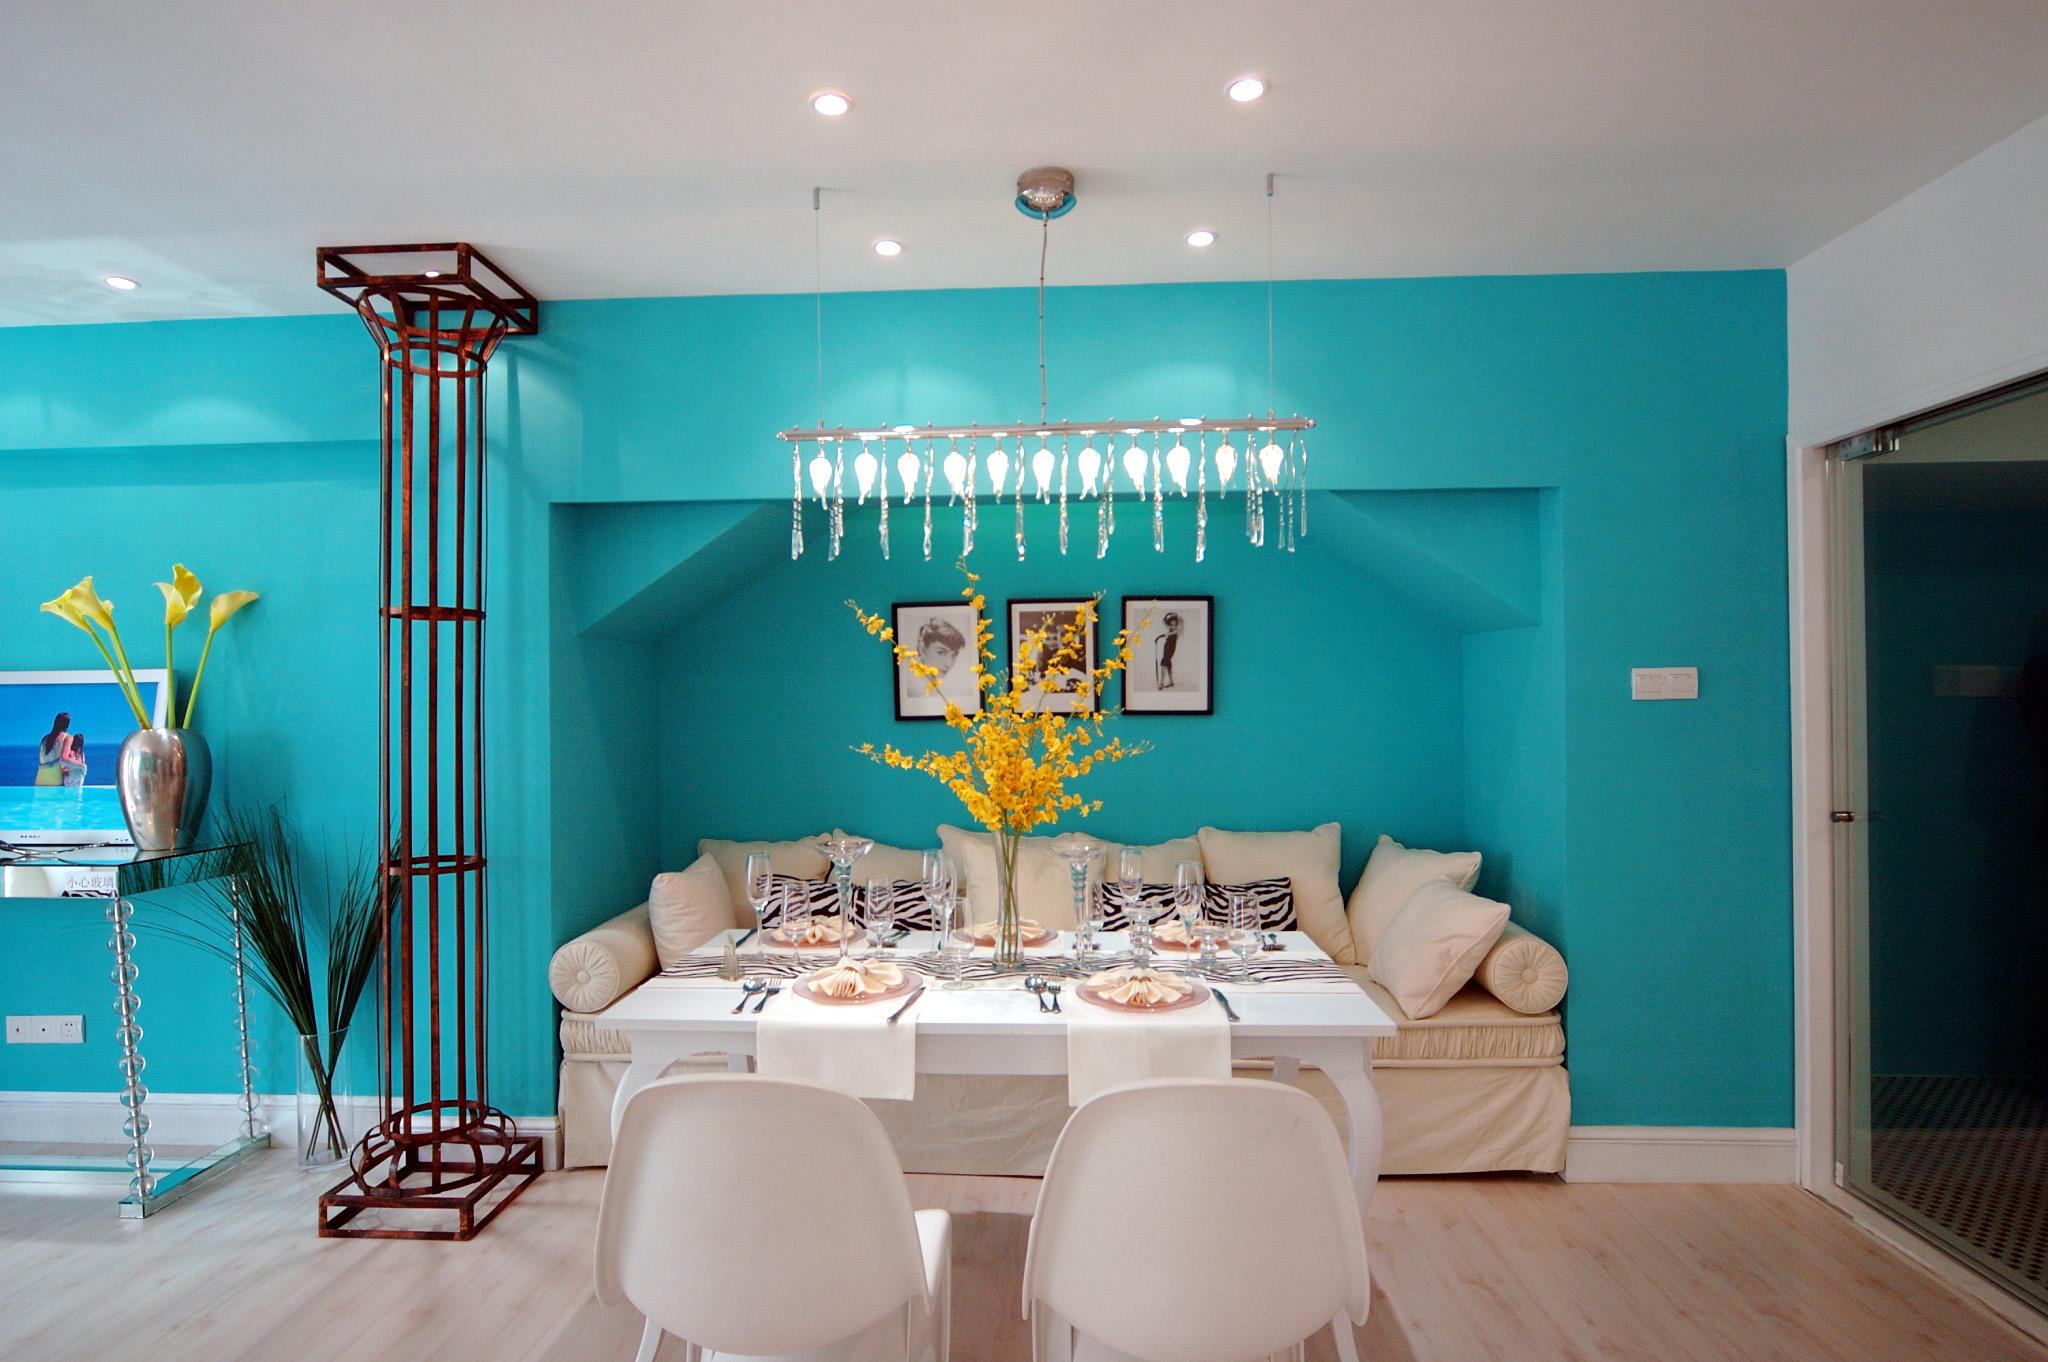 武汉业之峰 地中海风格 装修环保 装修设计 别墅设计 欧式 装修施工 餐厅图片来自猫咪爱吃鱼在清凉之夏——我爱地中海的分享